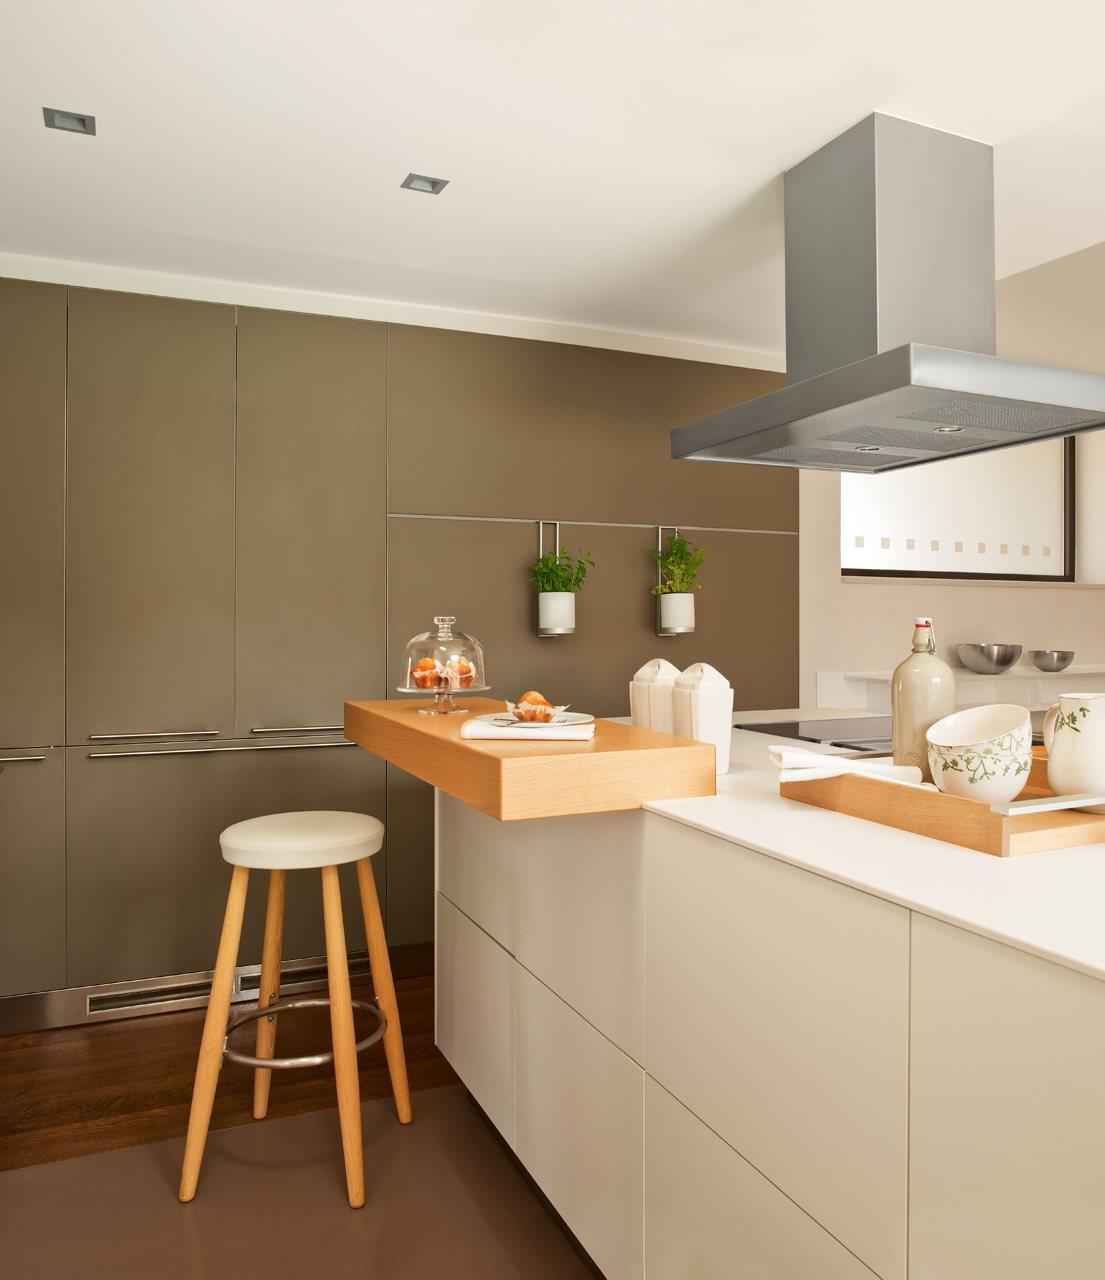 Una cocina funcional y muy ordenada